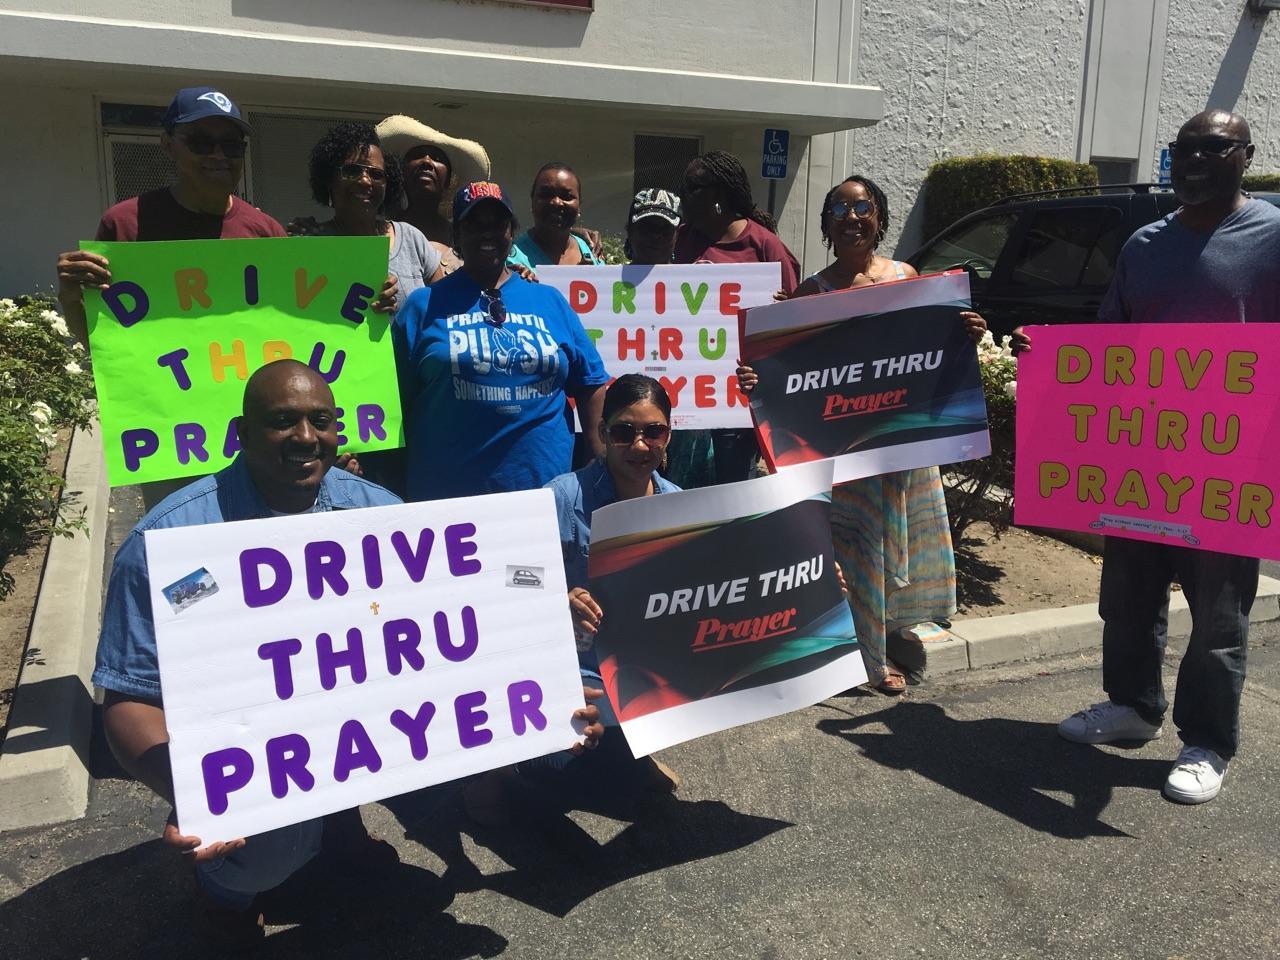 - Drive-Thru Prayer